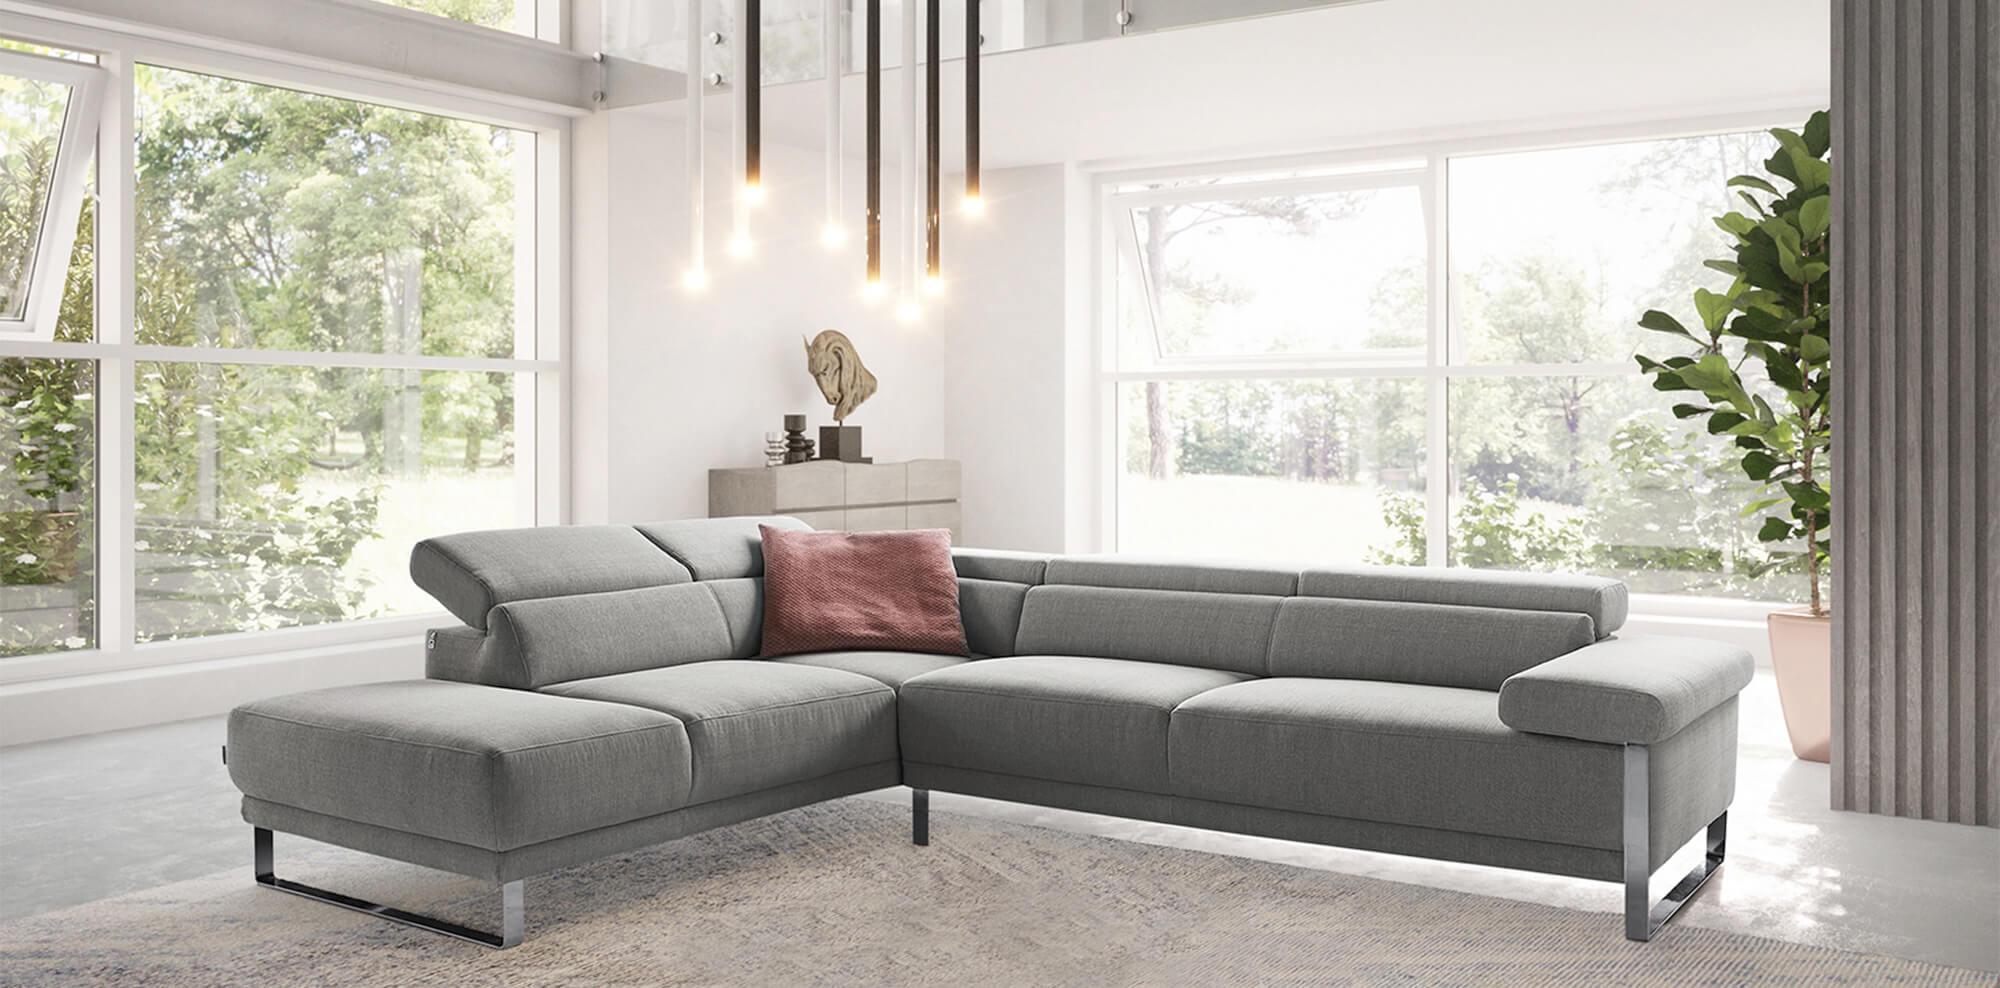 W.SCHILLIG - Braunes Sofa von oben